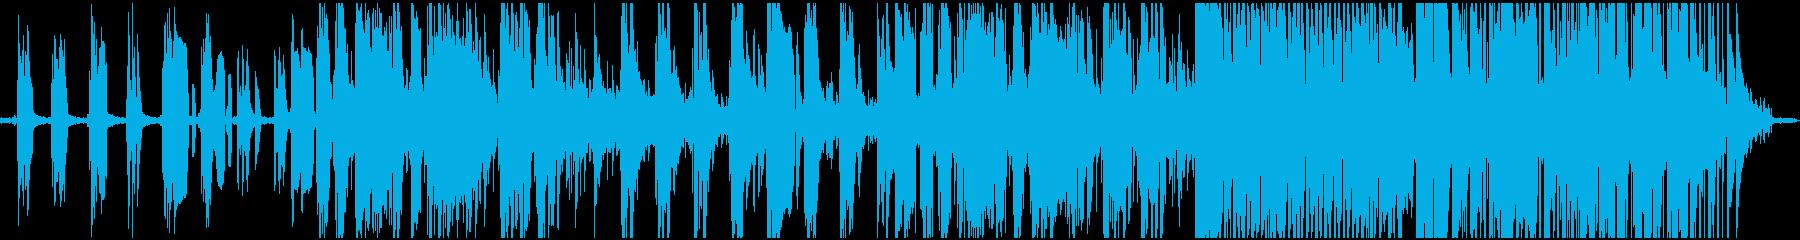 切な過ぎる泣のバラード / JIINOの再生済みの波形